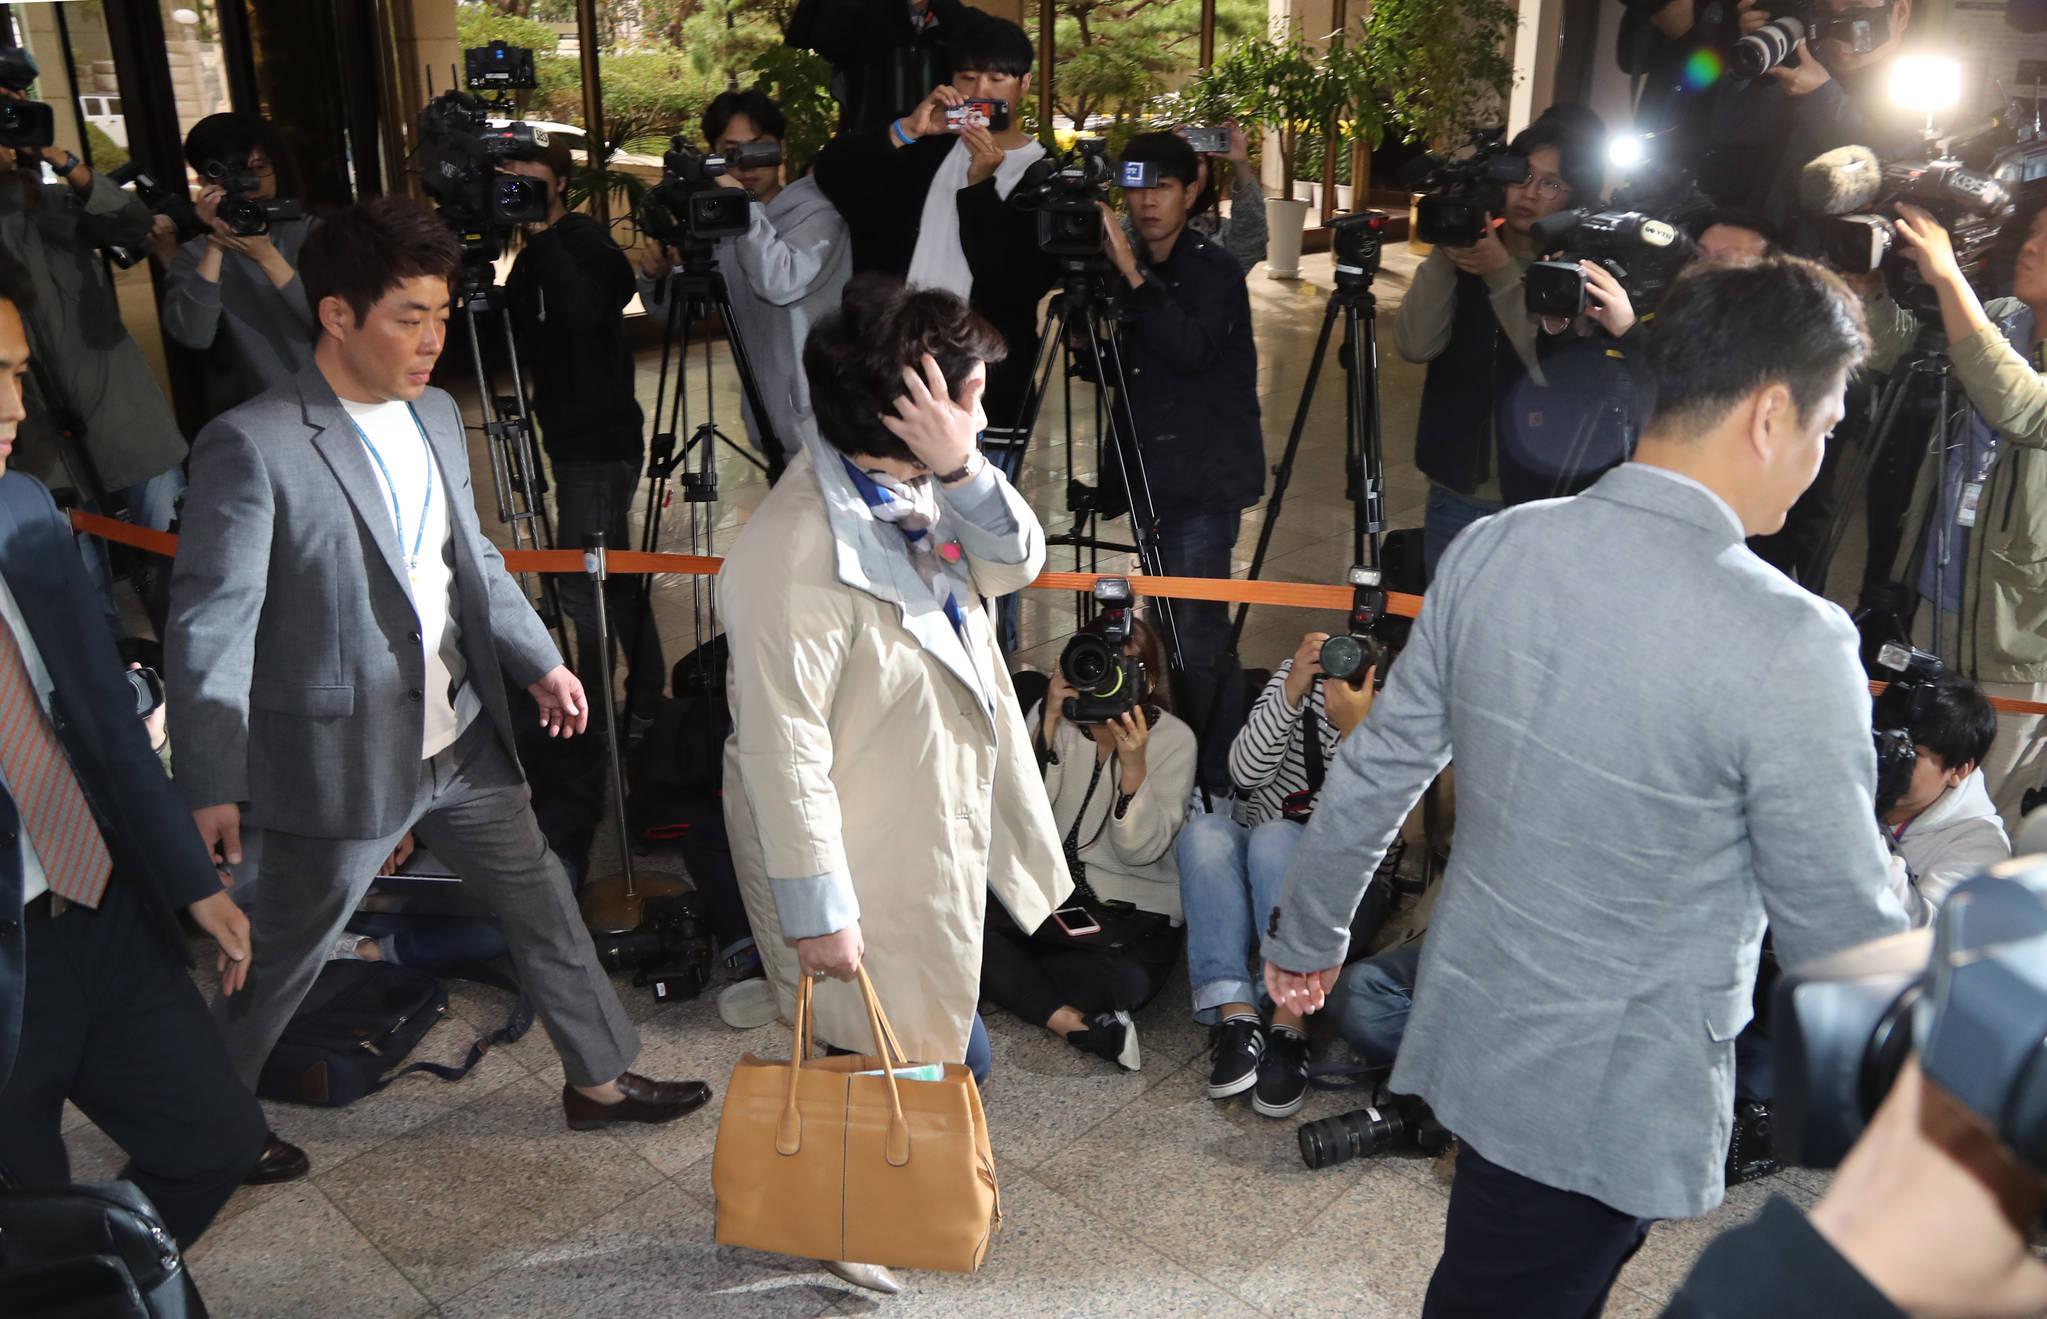 가수 고 김광석씨의 부인 서해순씨가 12일 오후 서울경찰청에서 조사를 받기위해 청사에 들어서고 있다. 최승식 기자